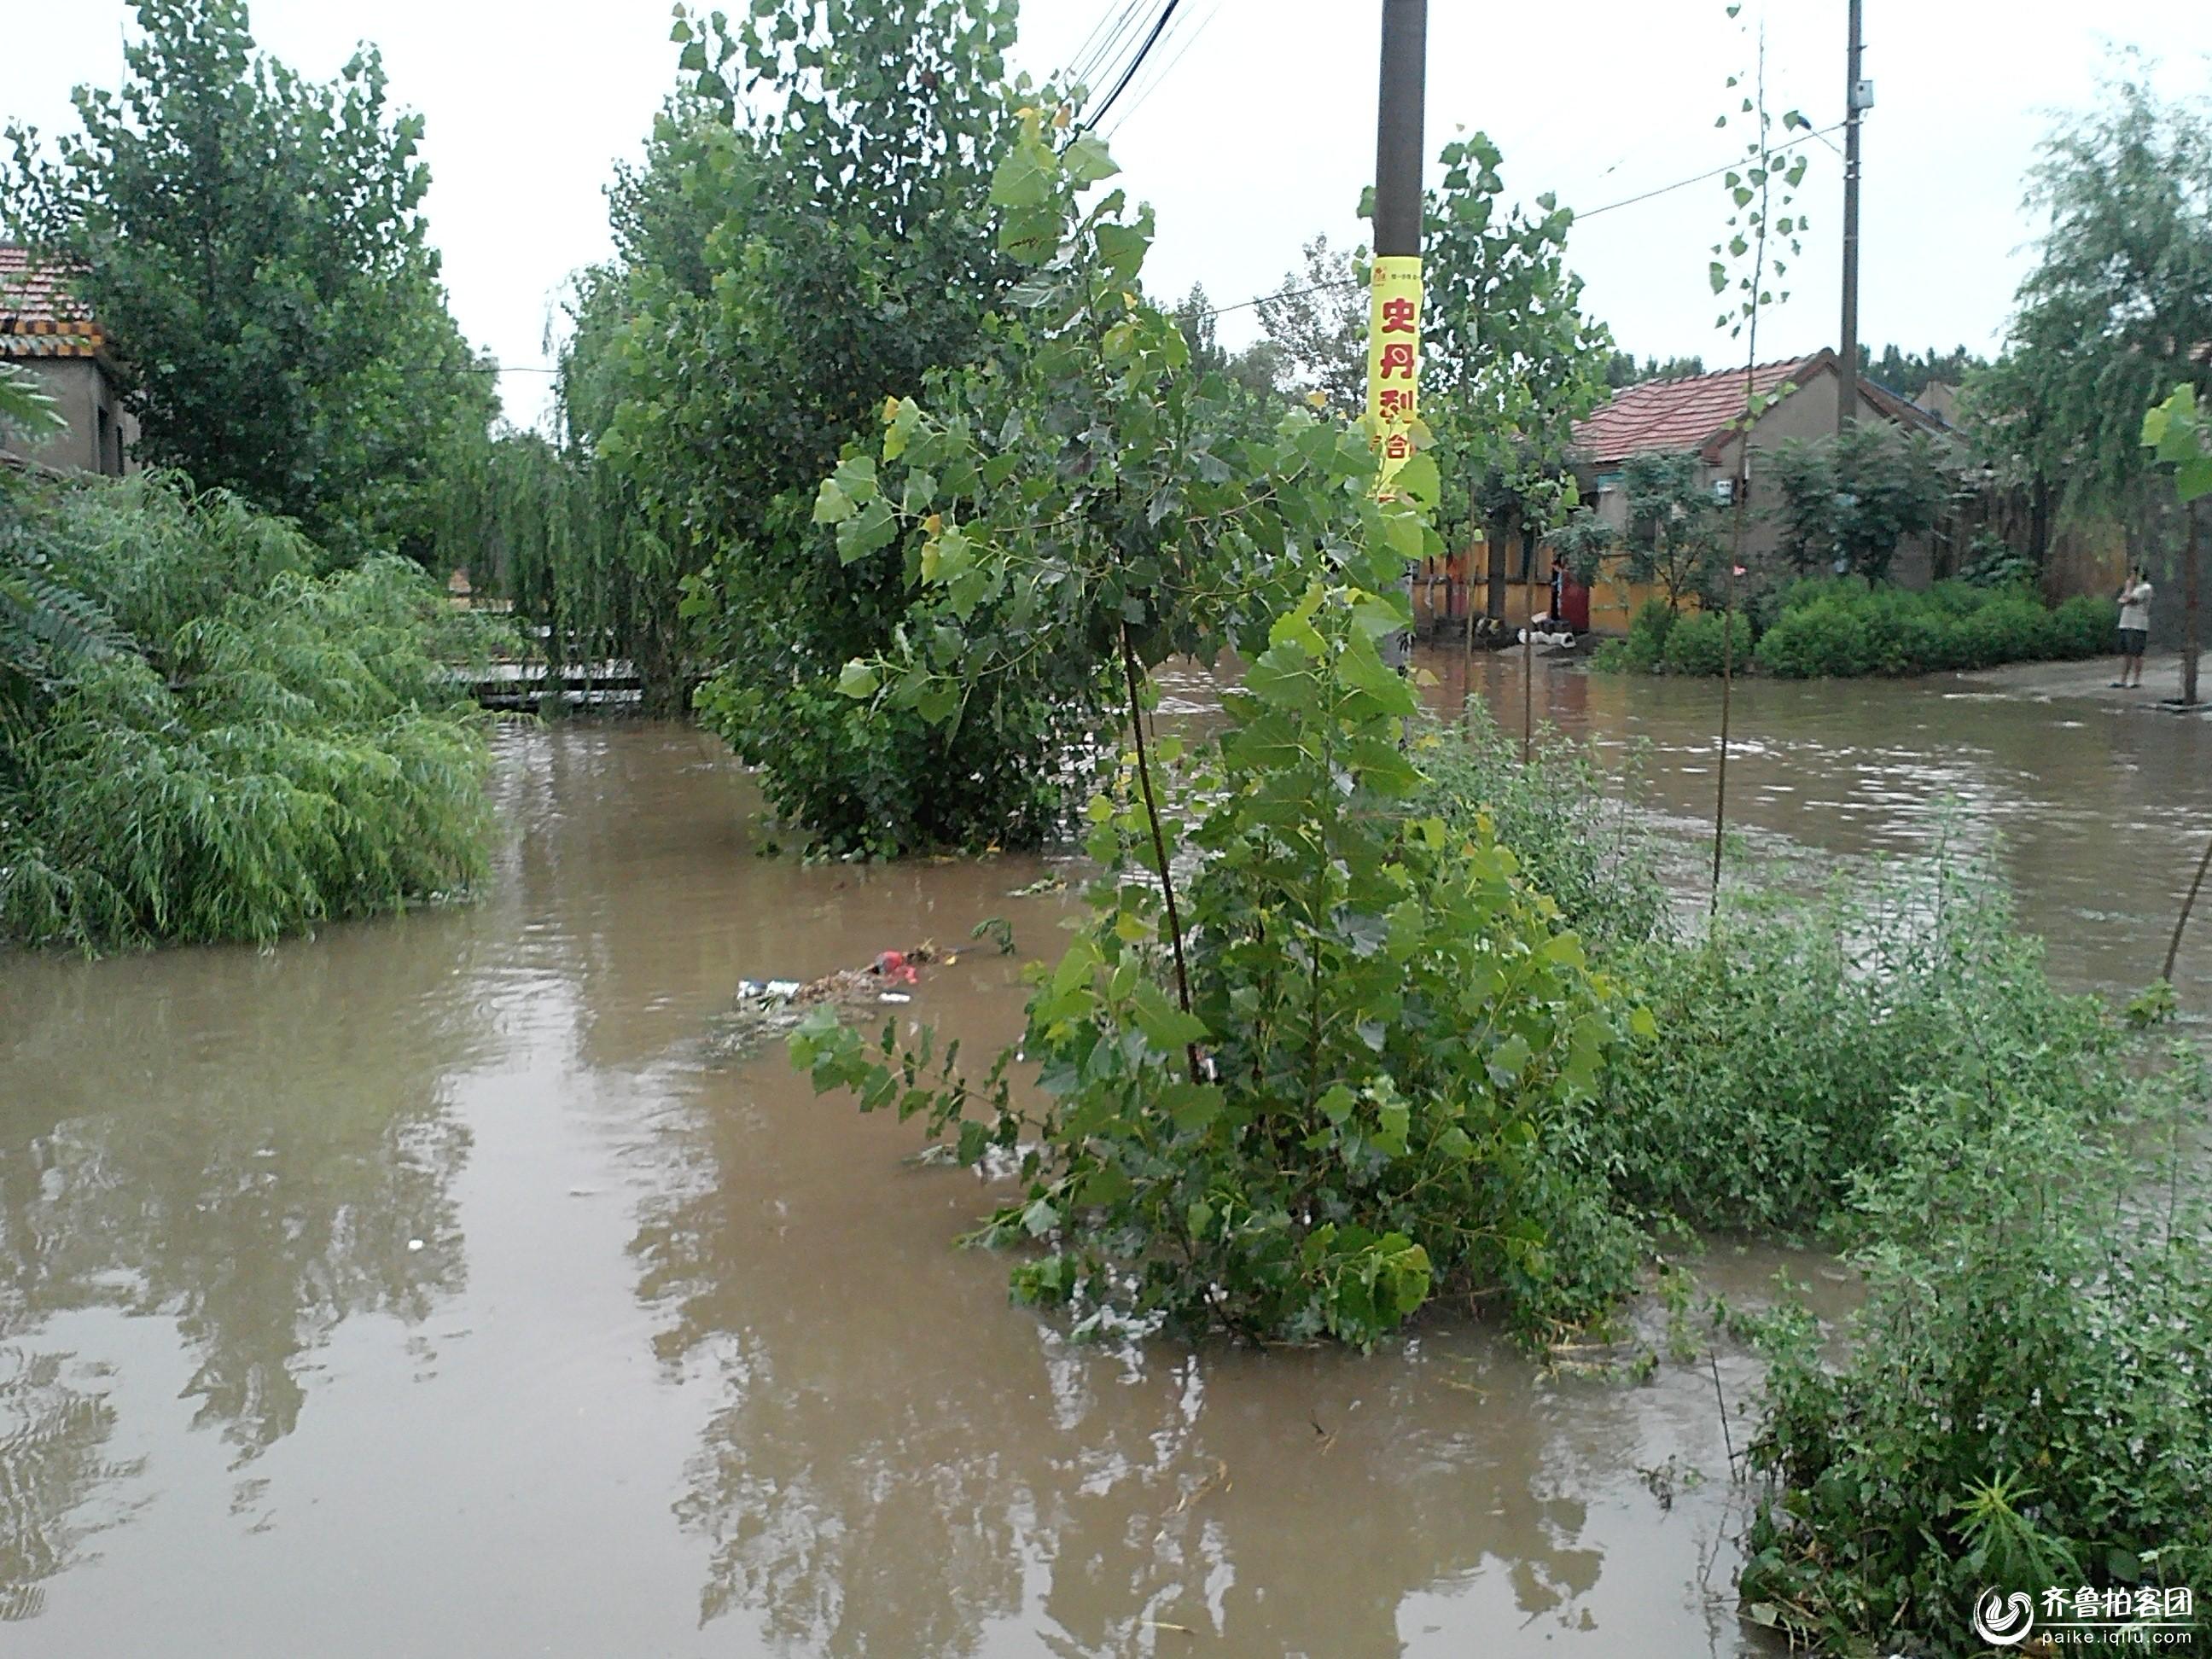 泗水突降暴雨,泉林镇受灾严重